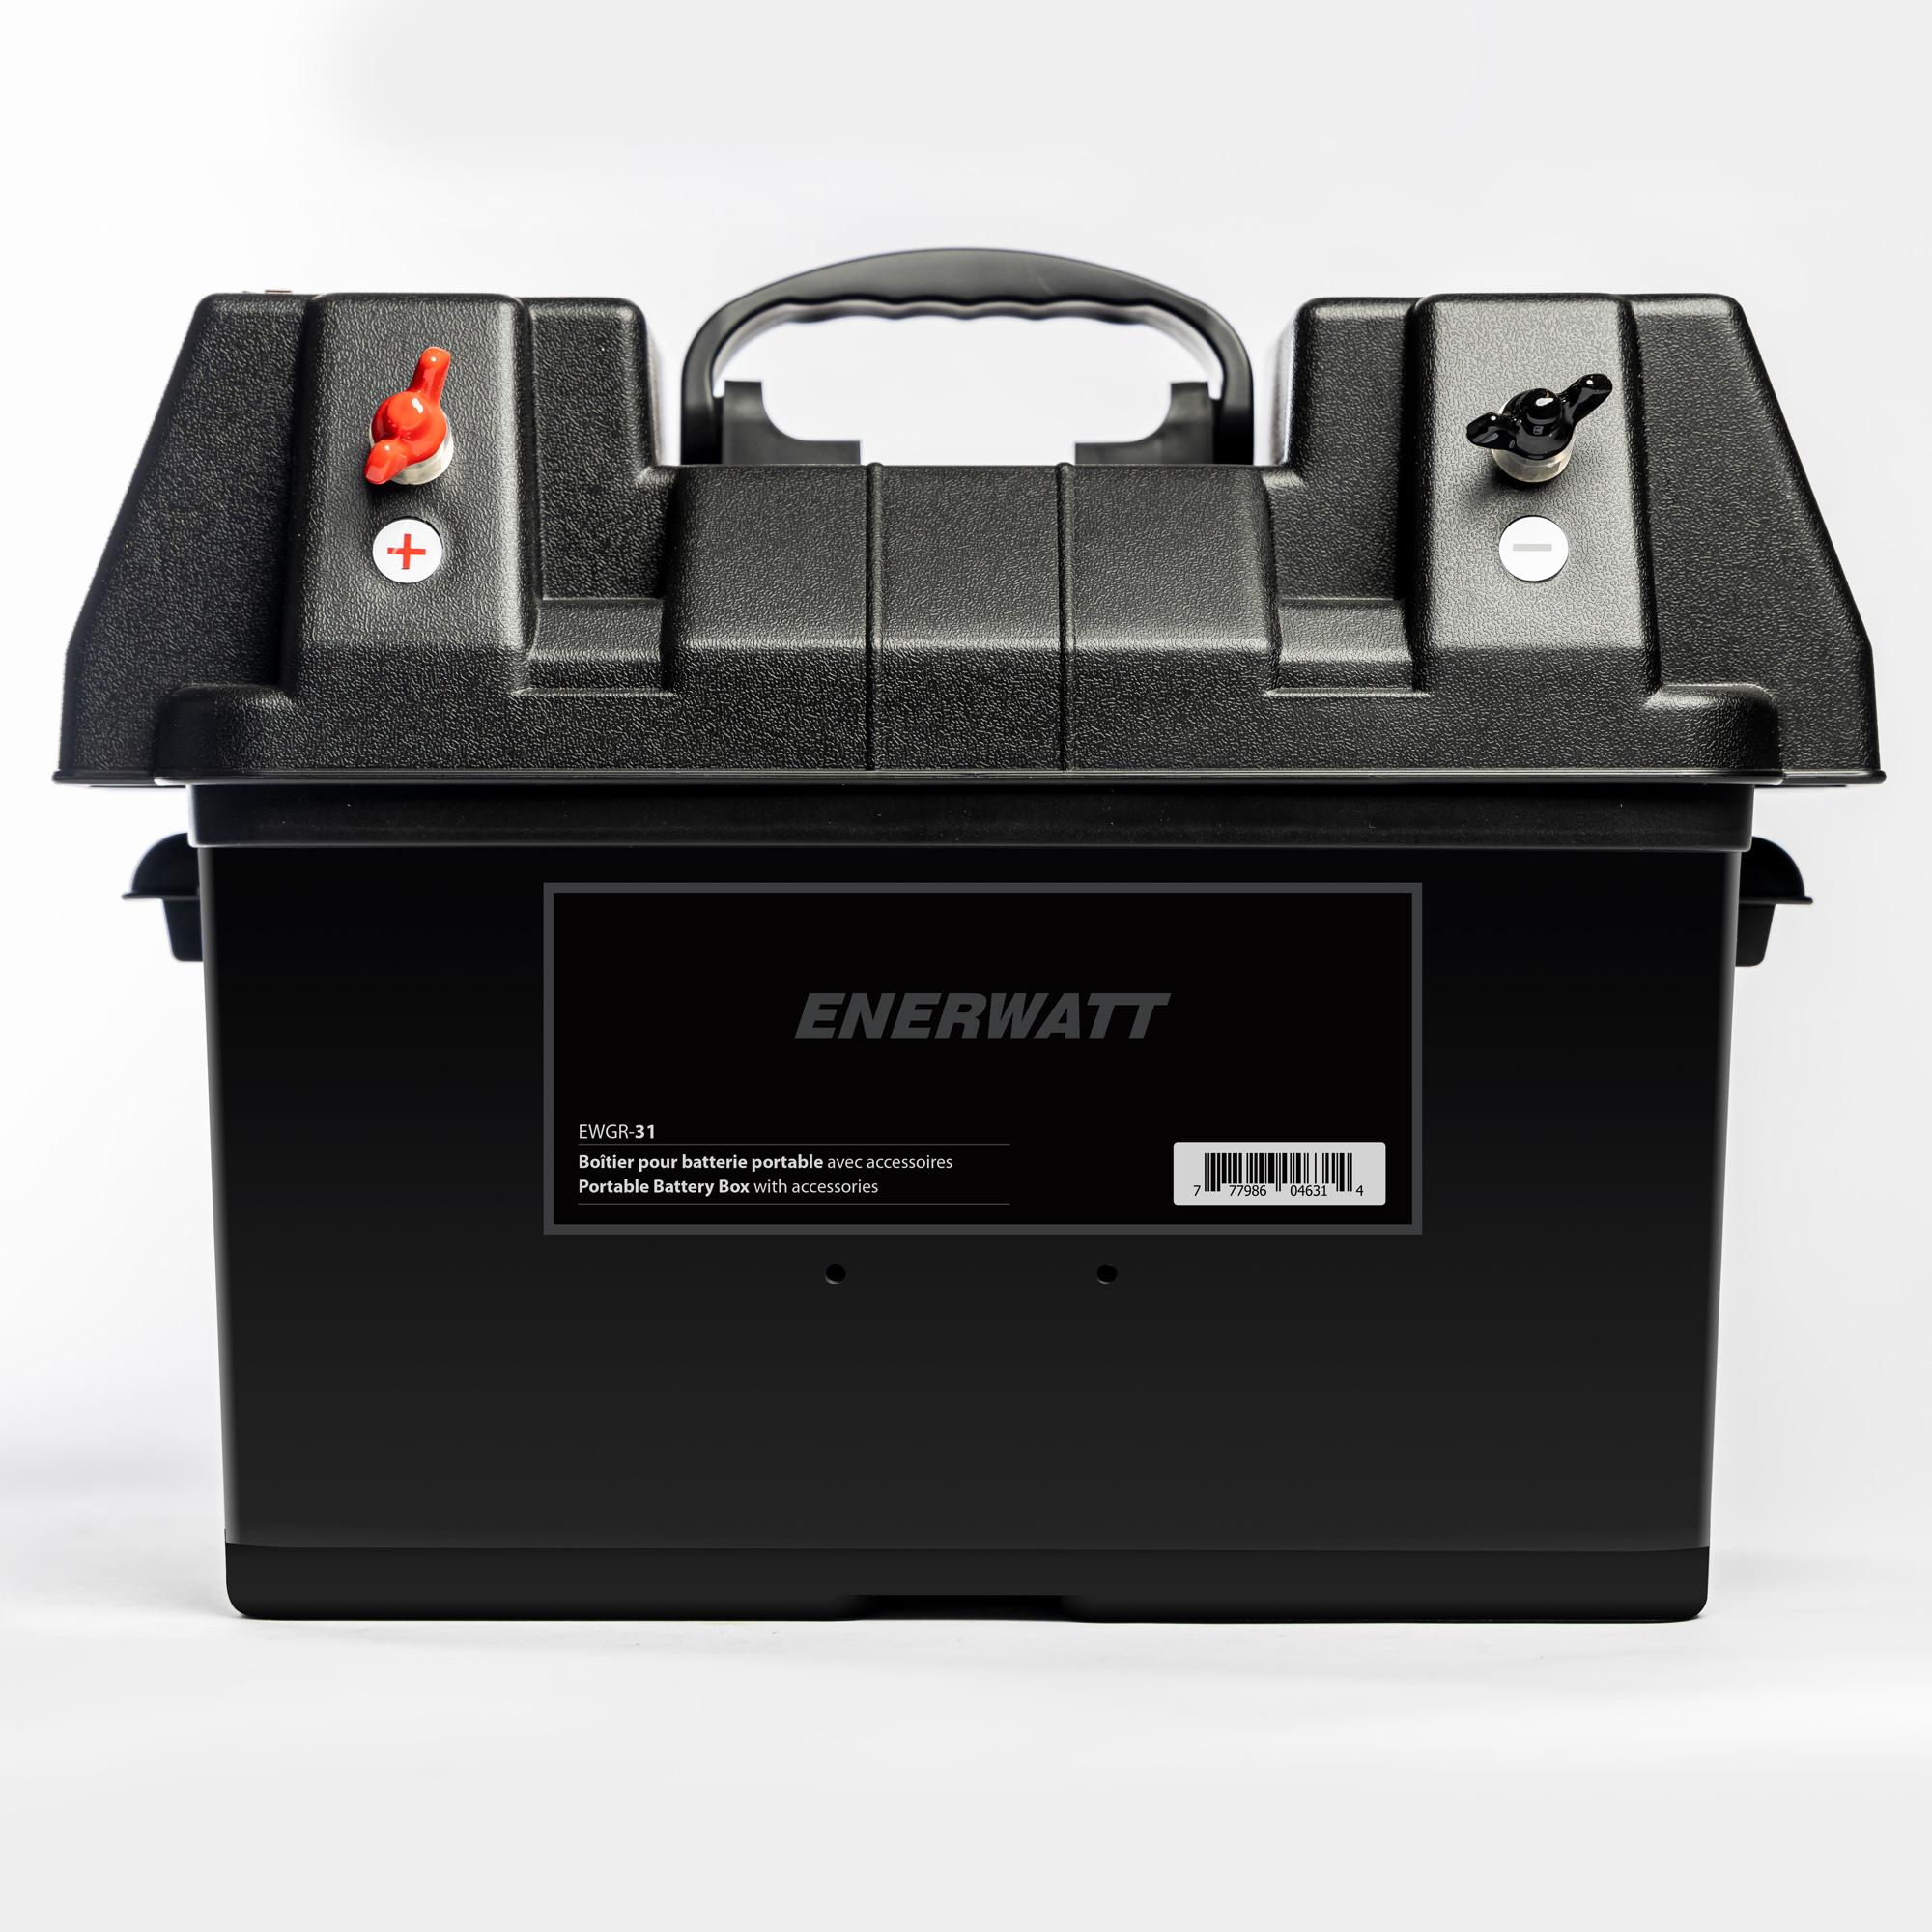 EWGR-31   Boîtier avec accessoires, CLA 12V et USB  pour batterie groupe 31